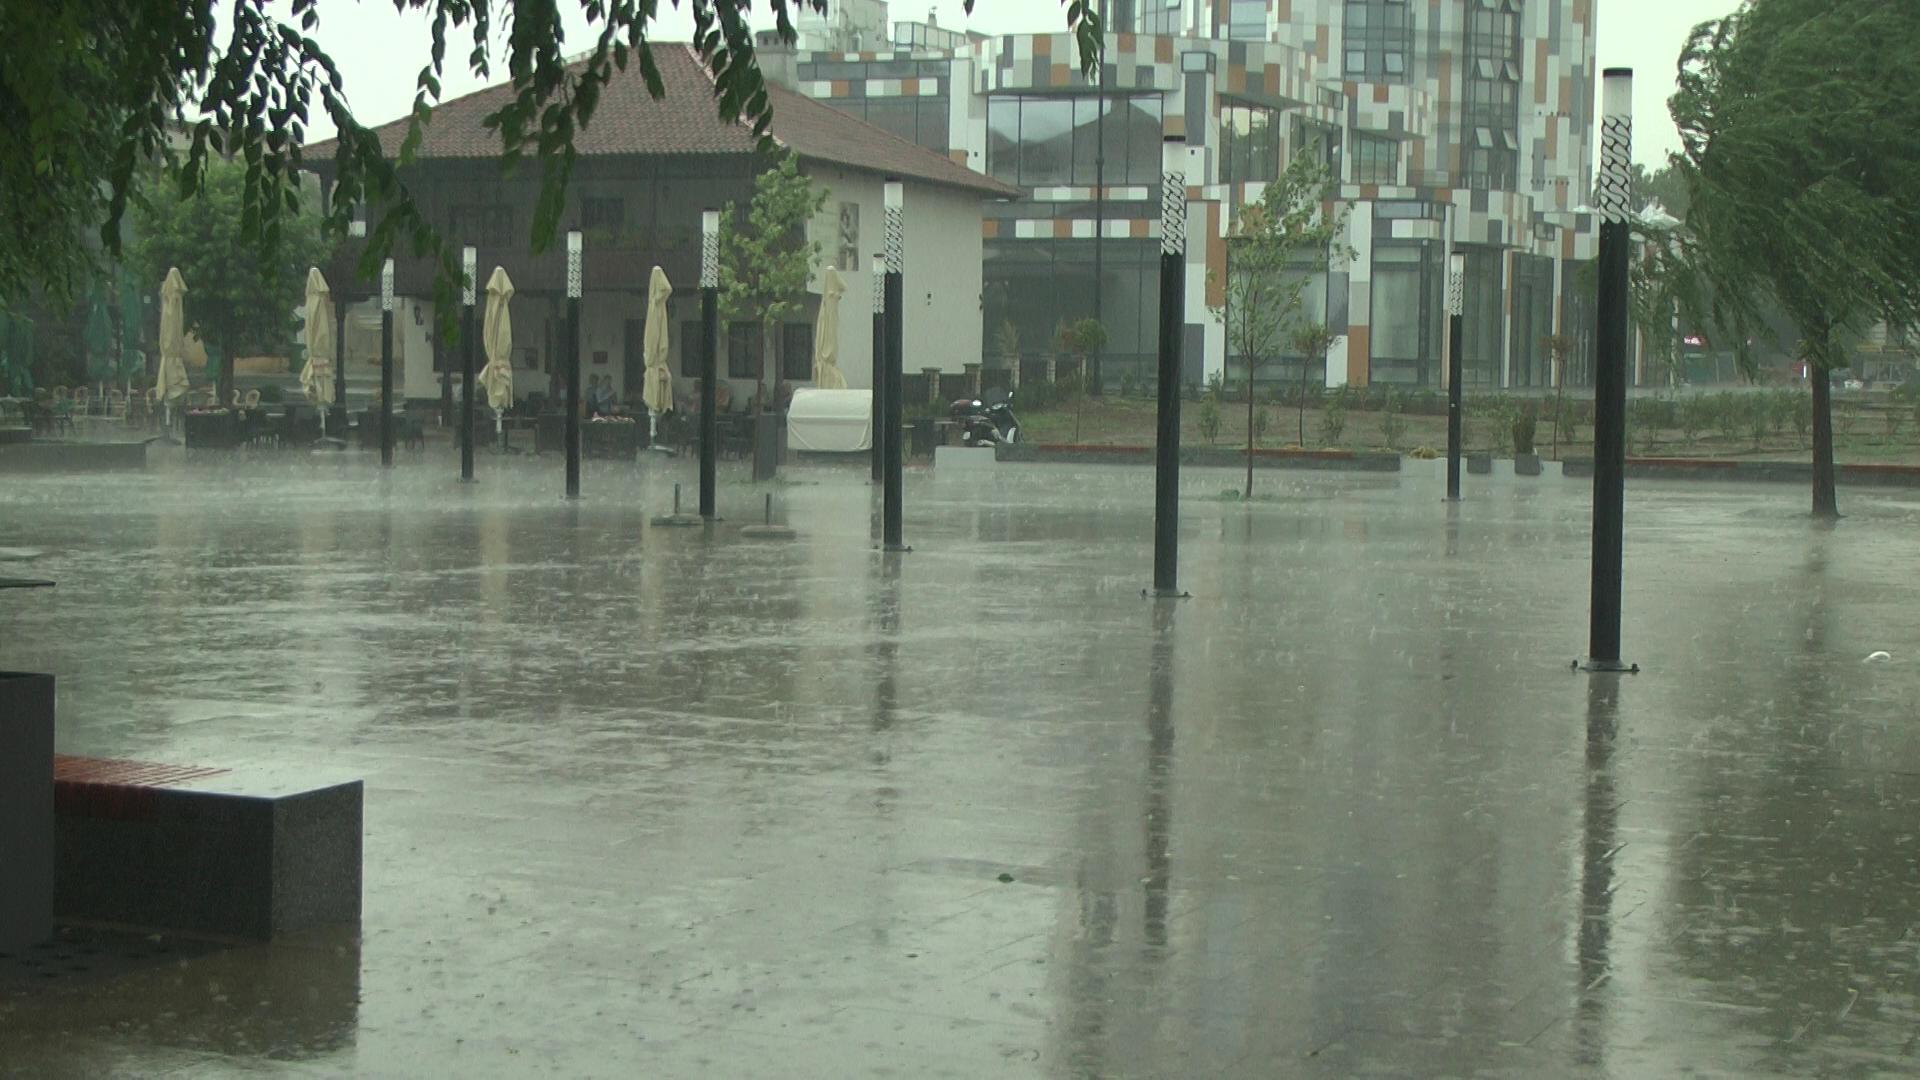 Kratkotrajno nevreme u Kruševcu nije donelo očekivano osveženje